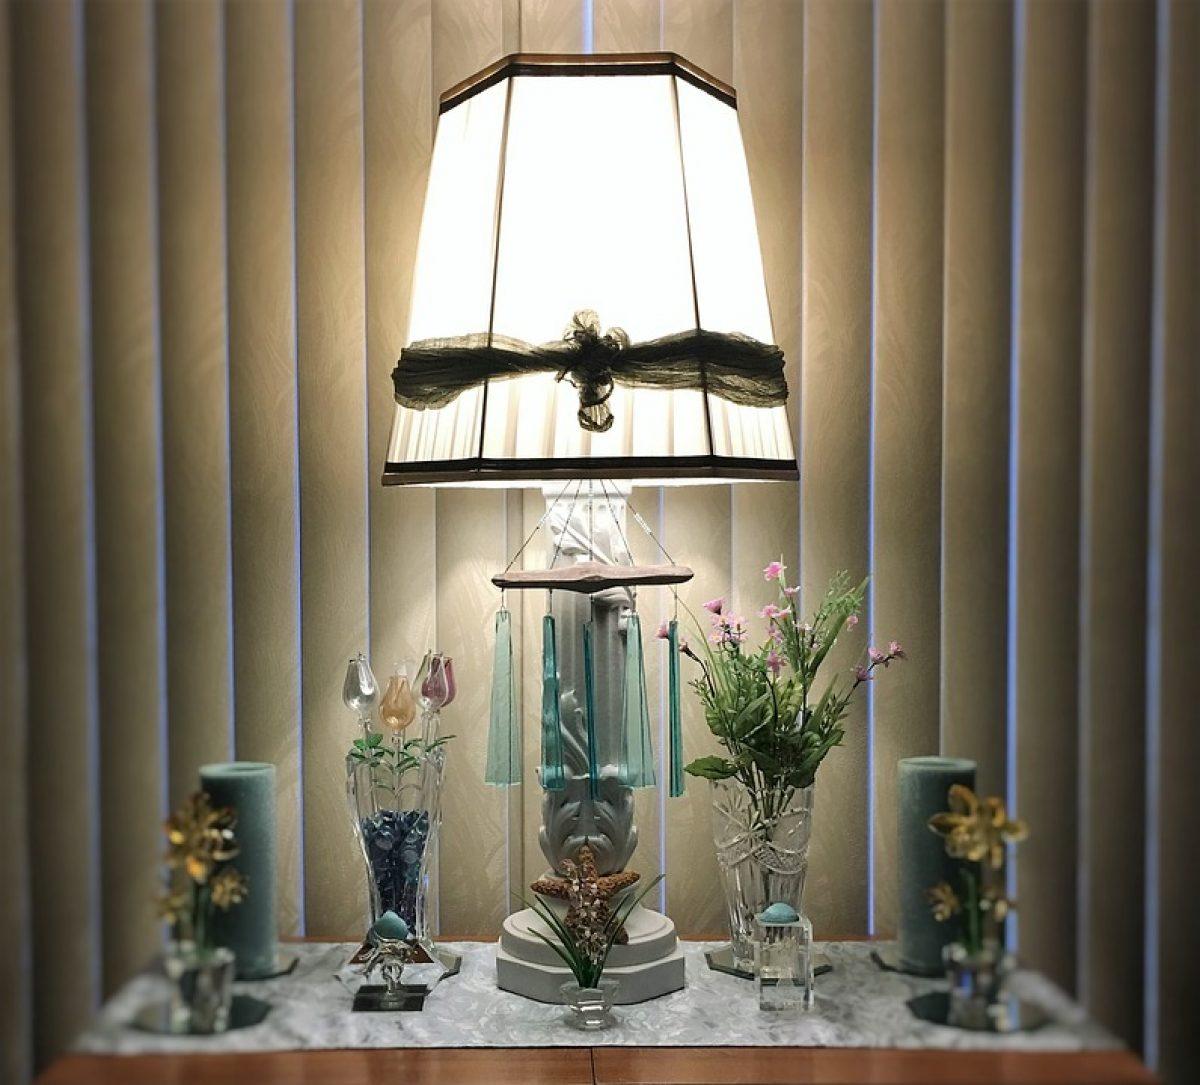 Creare Un Lampadario Di Stoffa come costruire una lampada fai da te: idee semplici e originali